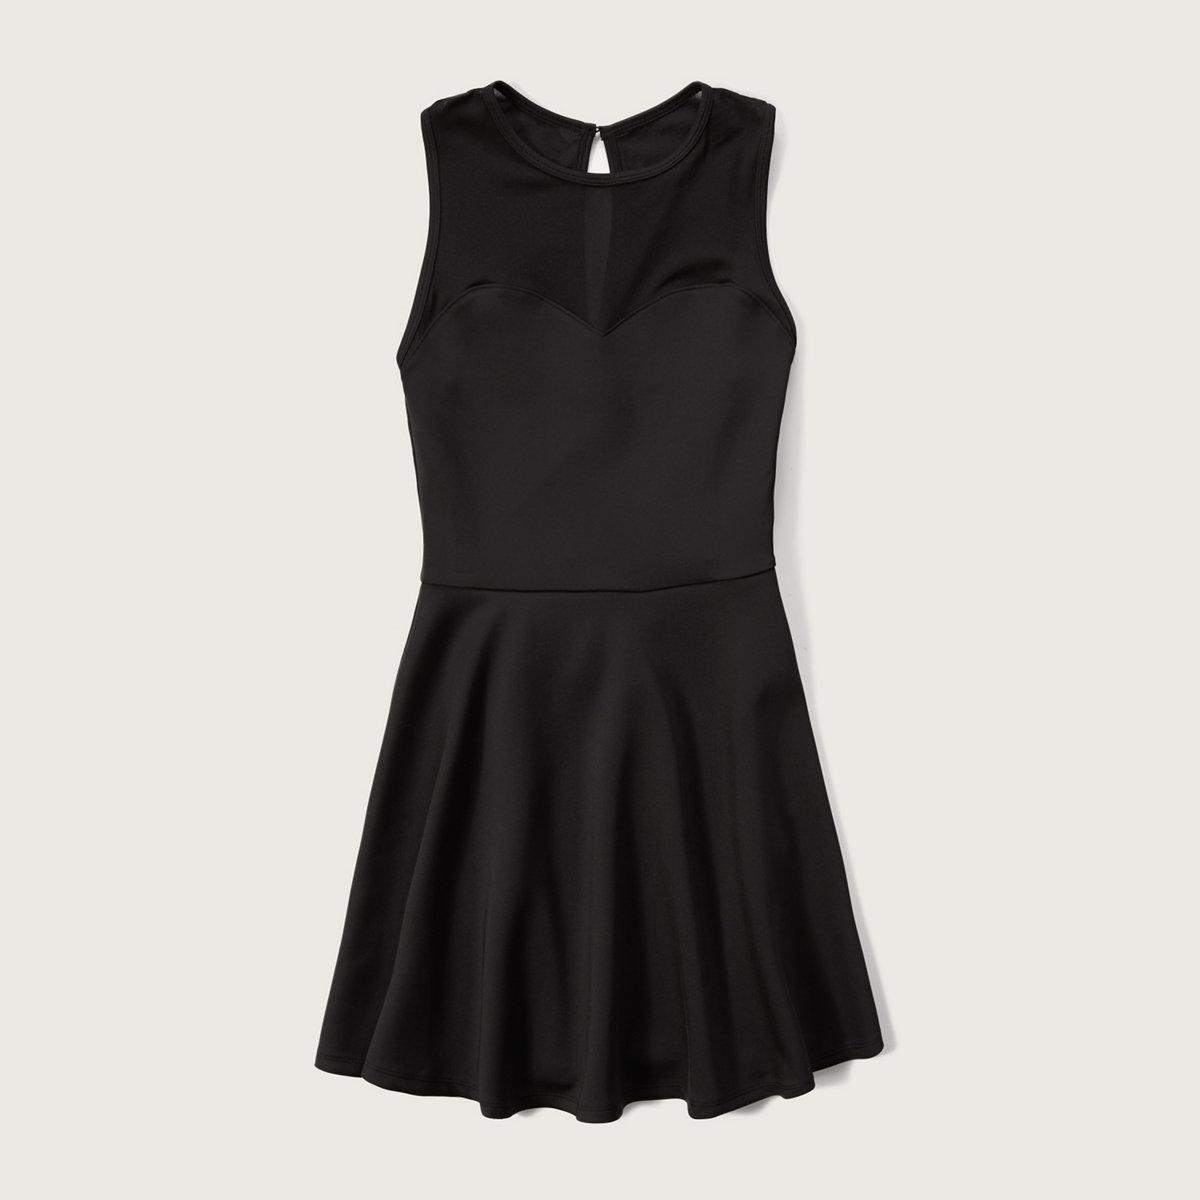 Mesh Yoke Neoprene dress